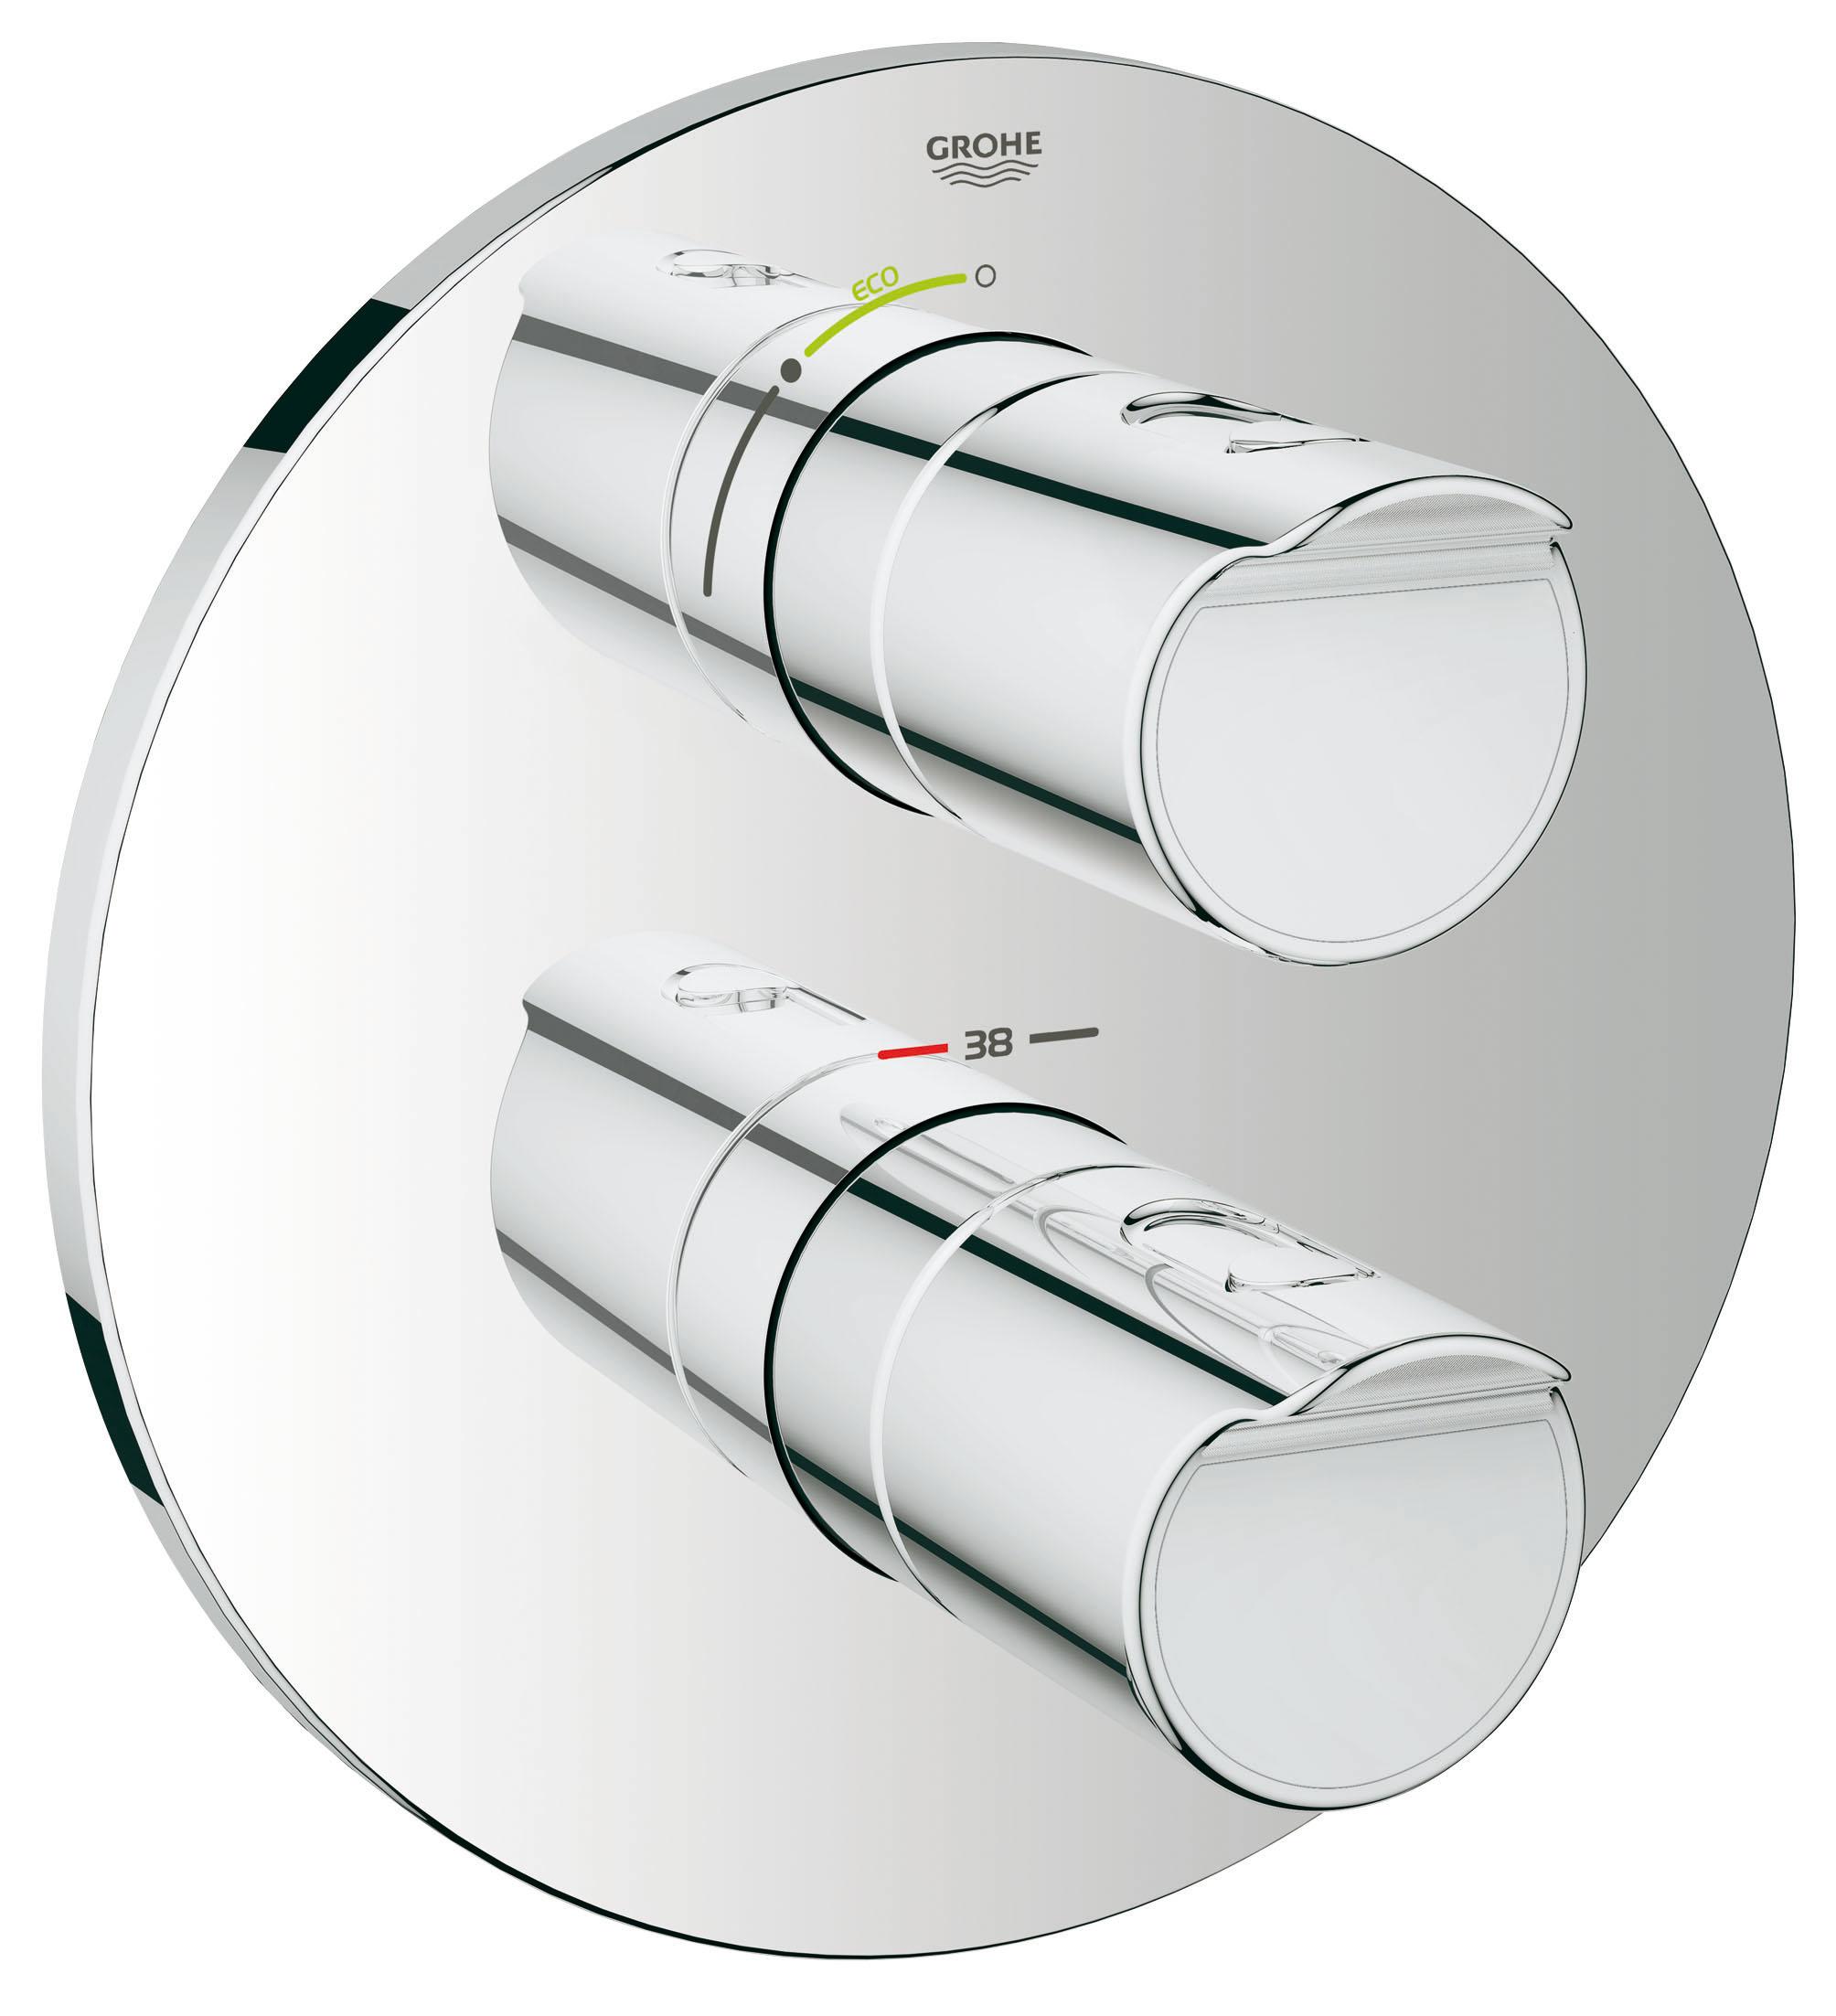 Термостатический смеситель для душа GROHE Grohtherm 2000 (внешняя панель для арт. 35500000) (19354001) цены